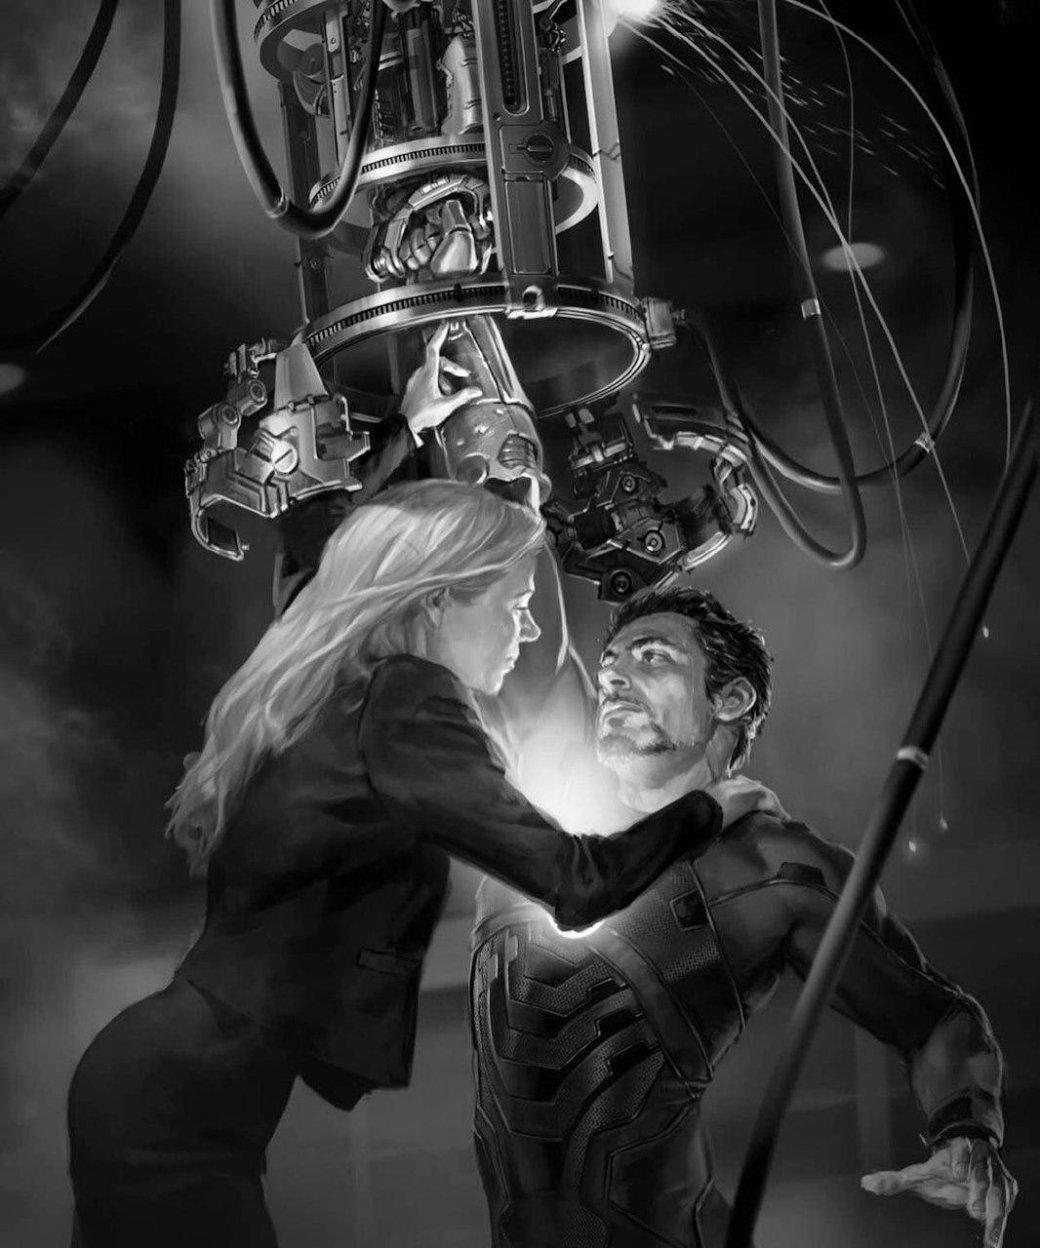 Тони Старк застревает вброне наконцепт-арте «Железного Человека»